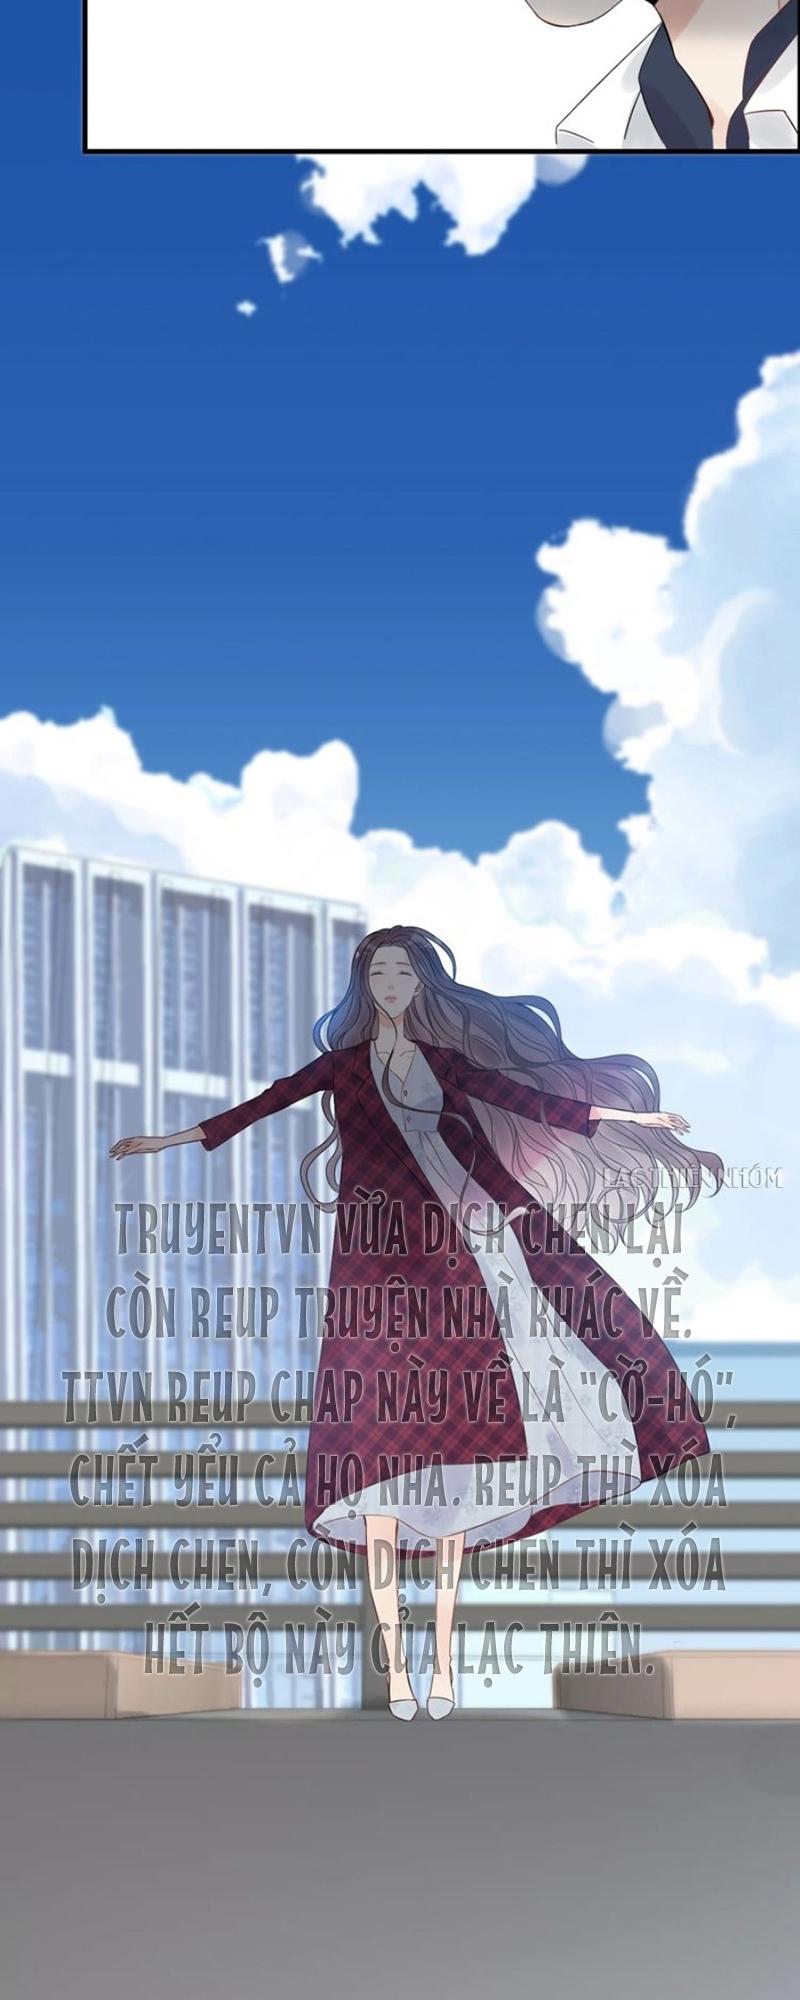 Cô Vợ Hợp Đồng Bỏ Trốn Của Tổng Giám Đốc chap 152 - Trang 24